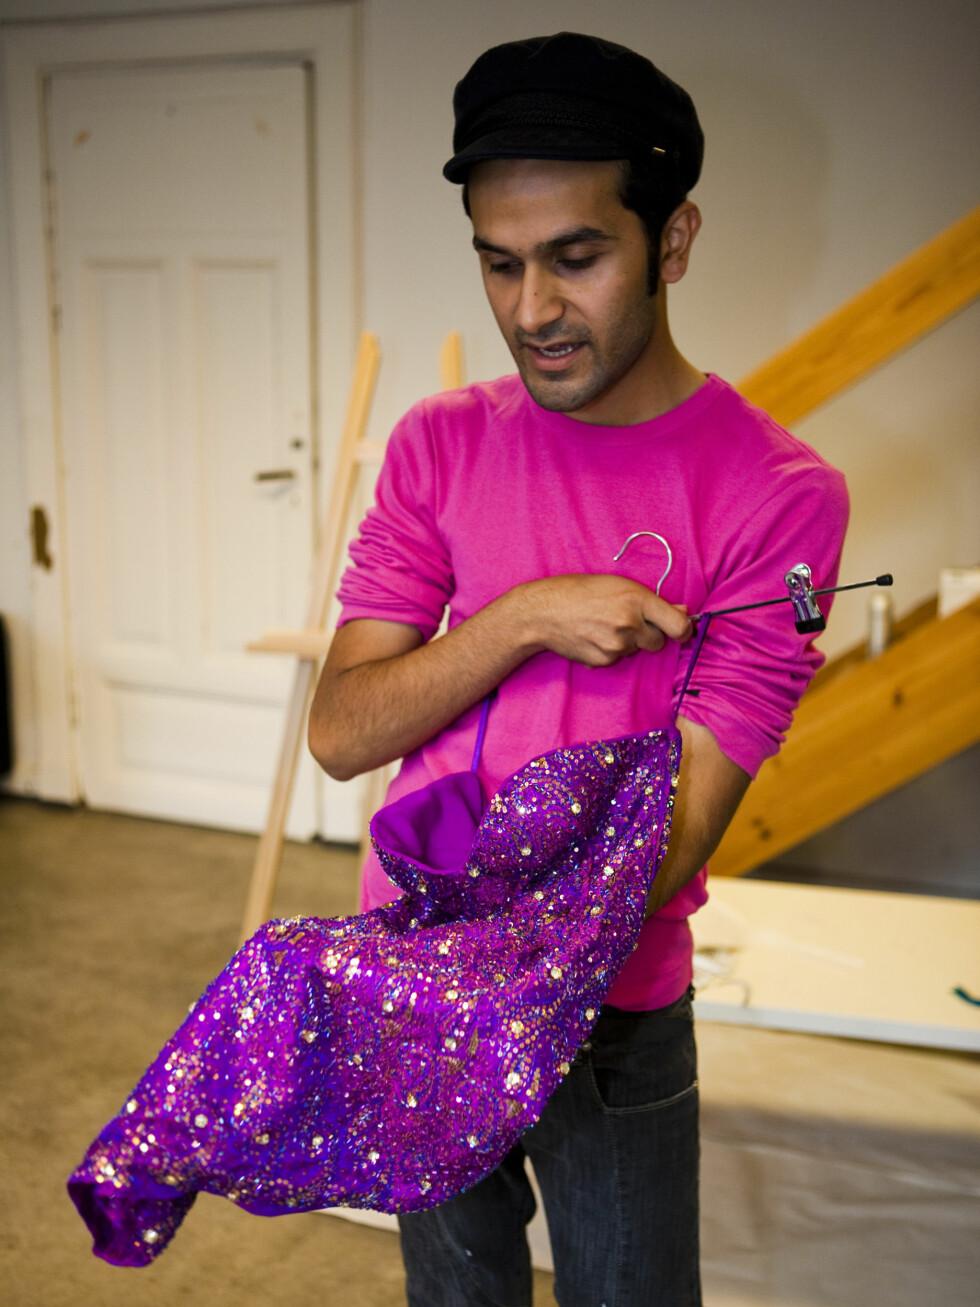 <strong>ØNSKER MER GLAM:</strong> Et av designer Amar Faiz' store mål i livet er å bringe mer bling til trauste nordmenn. Foto: Per Ervland